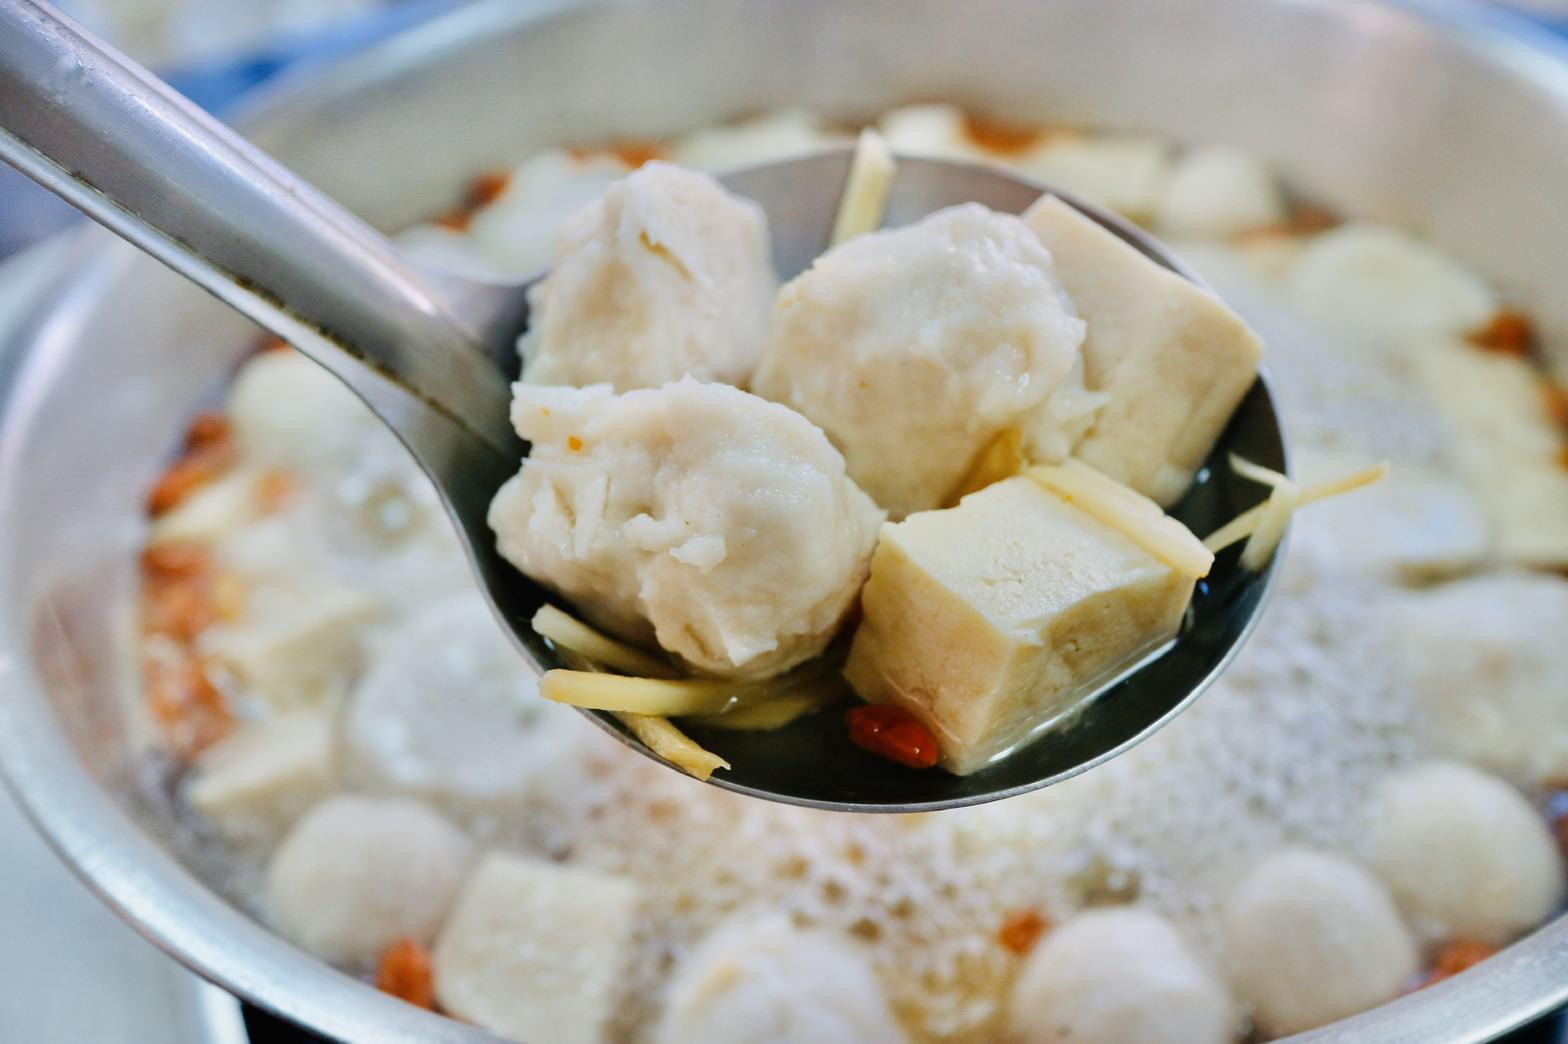 大骨原汁涮肉鍋湯